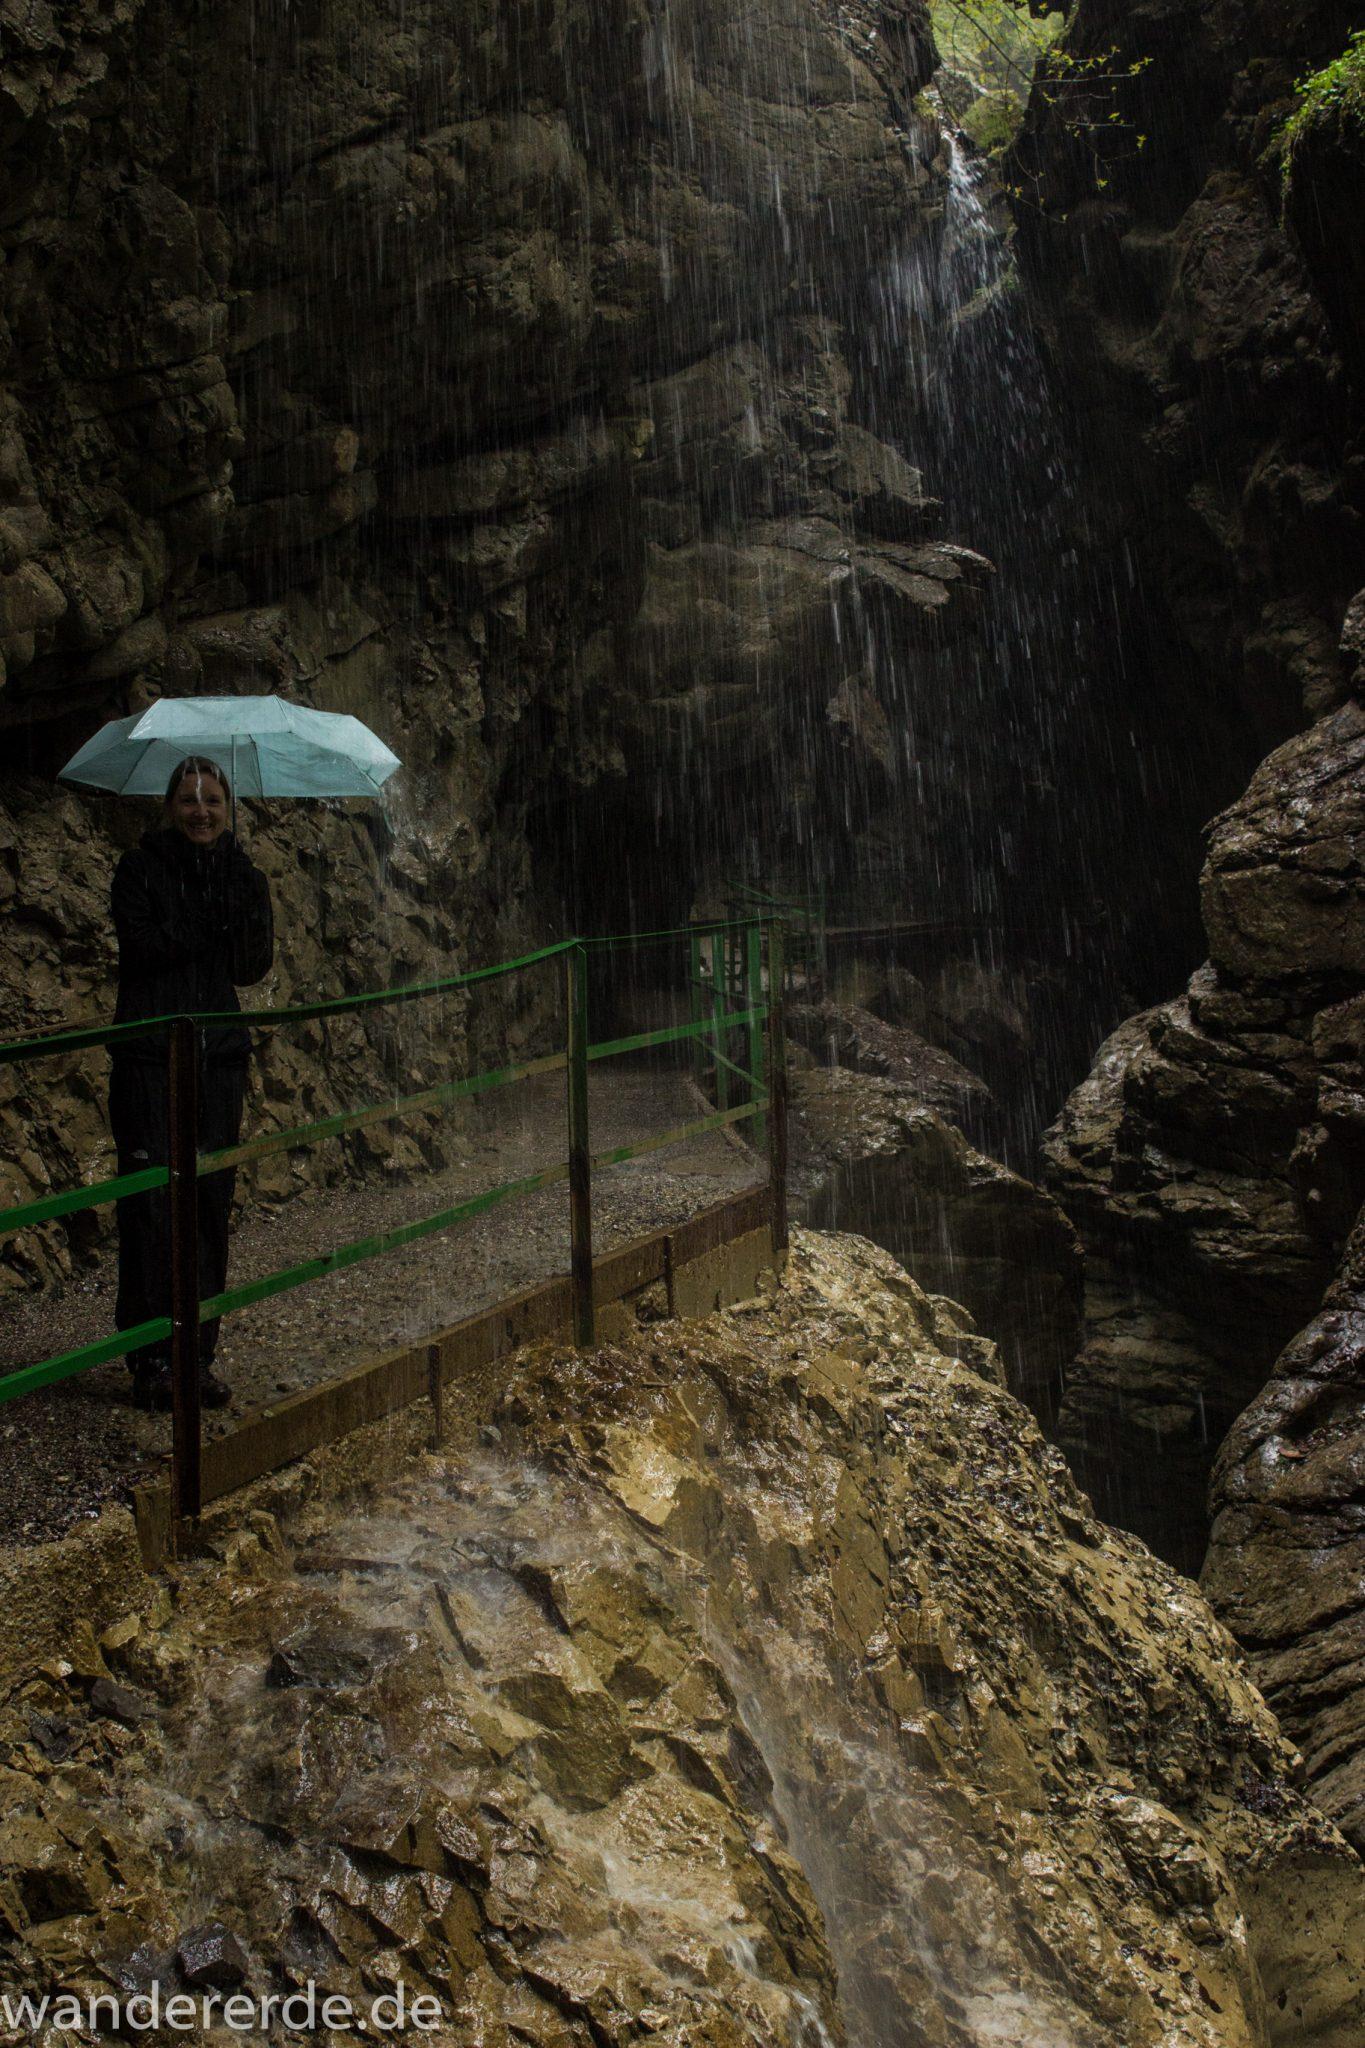 Wanderung durch die Breitachklamm im Allgäu, sehr hohe Felswände, tosende Breitach nach starkem Regen, Klamm umgeben von schönem Wald, Felsen im Fluss, Schneeschmelze im Allgäu, Wanderweg durch die Klamm, es regnet in der Breitachklamm